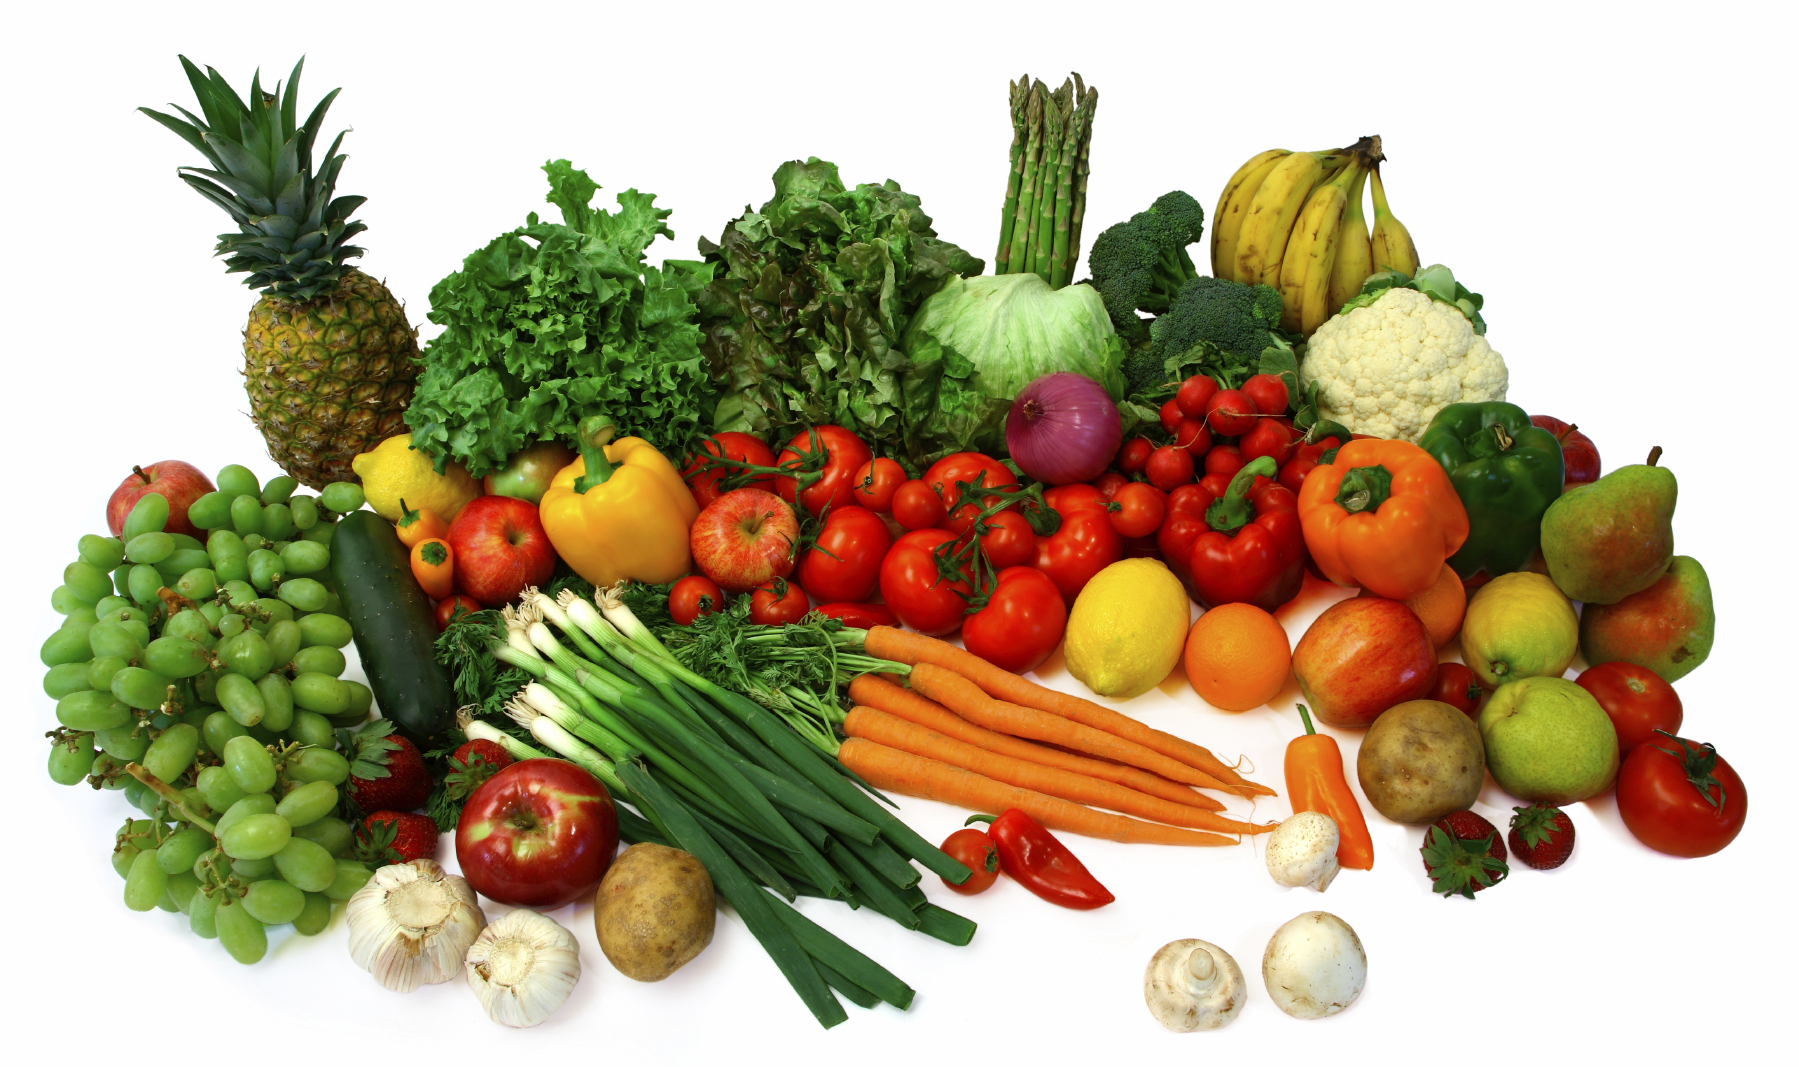 minerals in food साठी प्रतिमा परिणाम